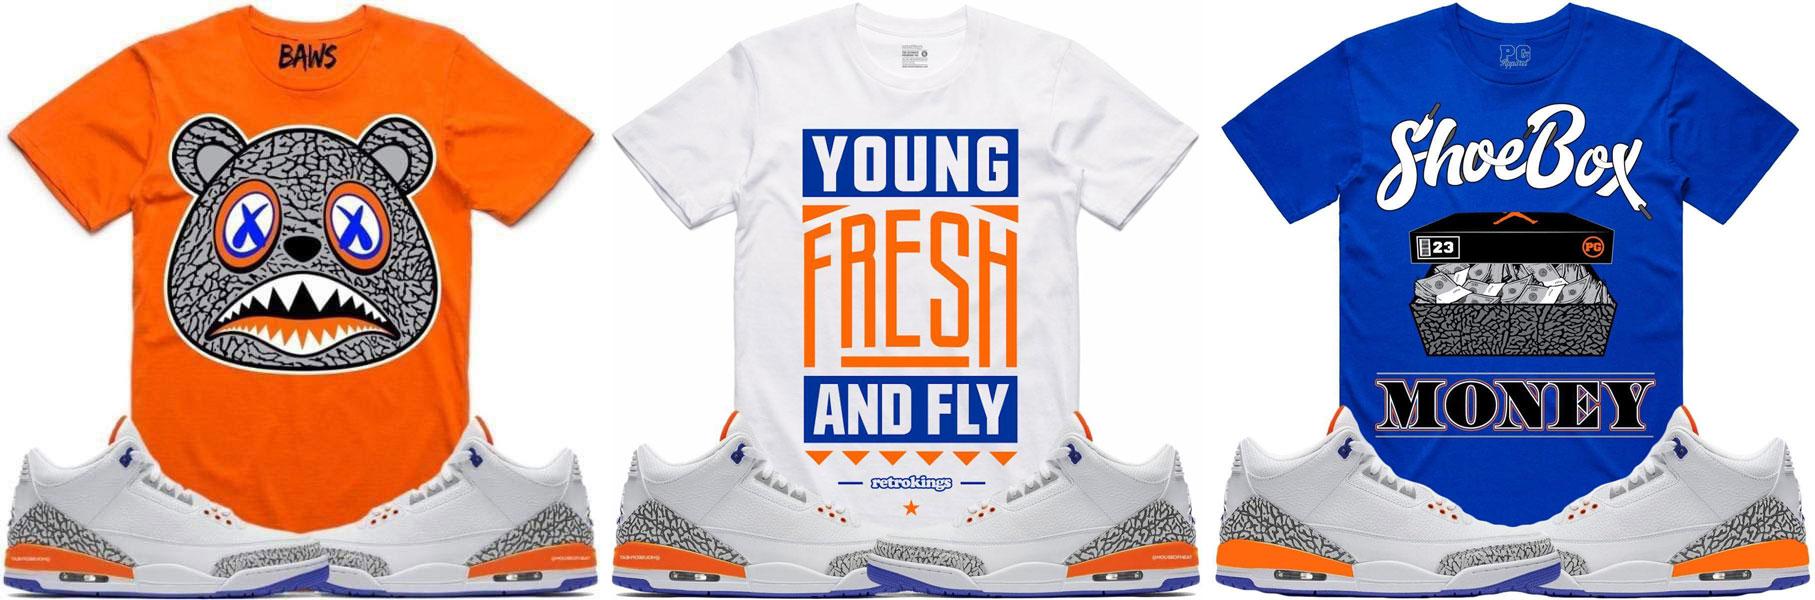 air-jordan-3-knicks-sneaker-shirts